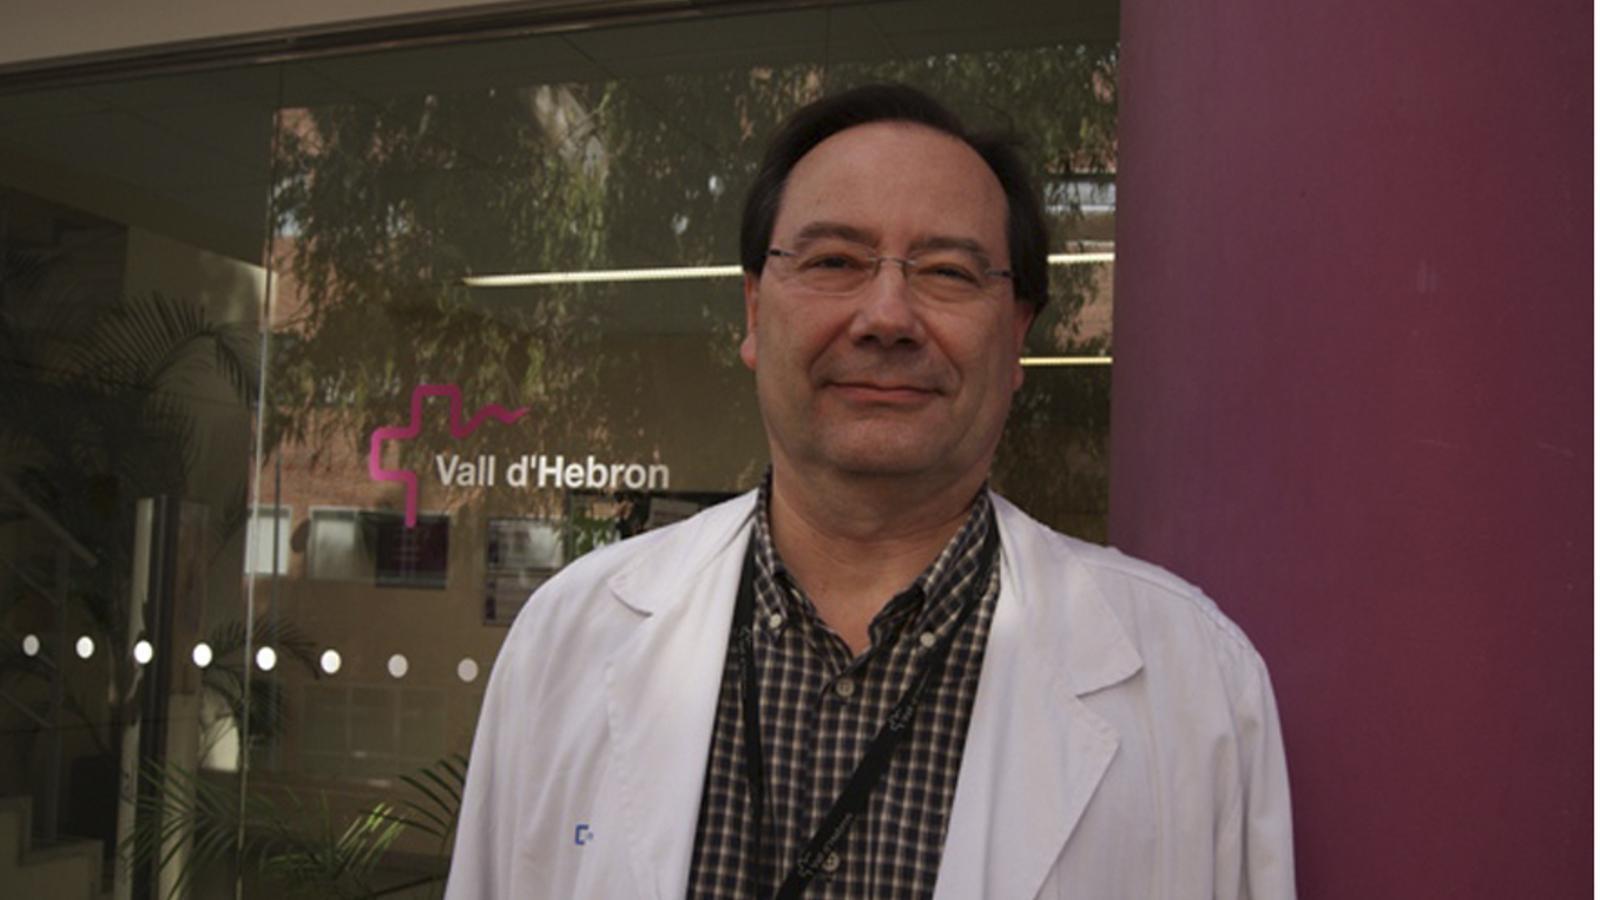 Tomàs Pumarola, cap de Microbiologia de l'hospital Vall d'Hebron